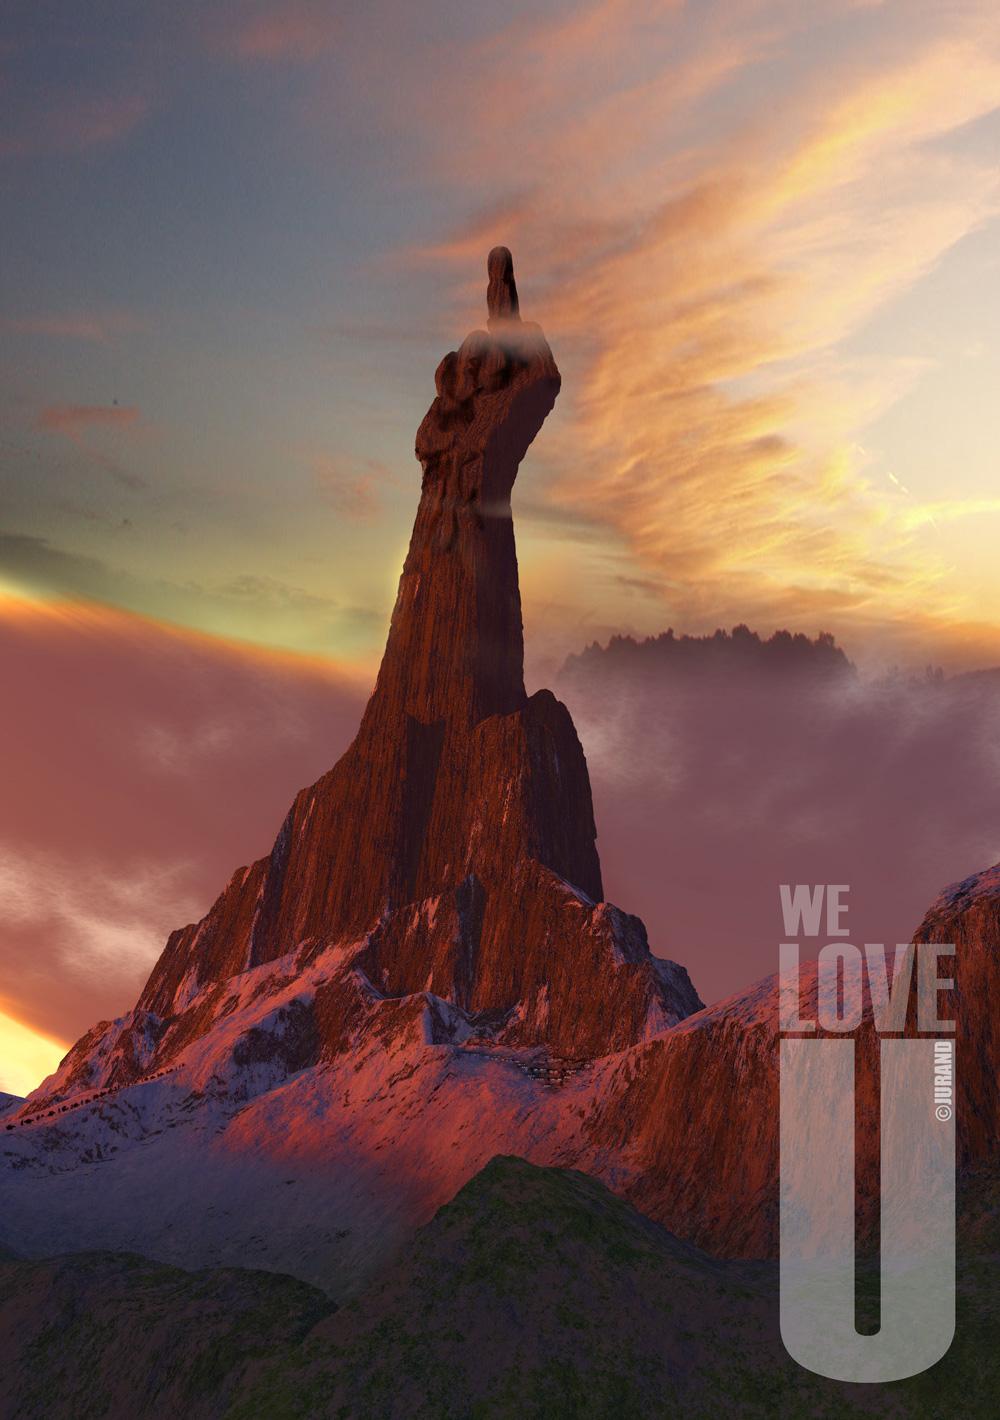 plakat stworzony za pomocą Terragena i Photoshopa